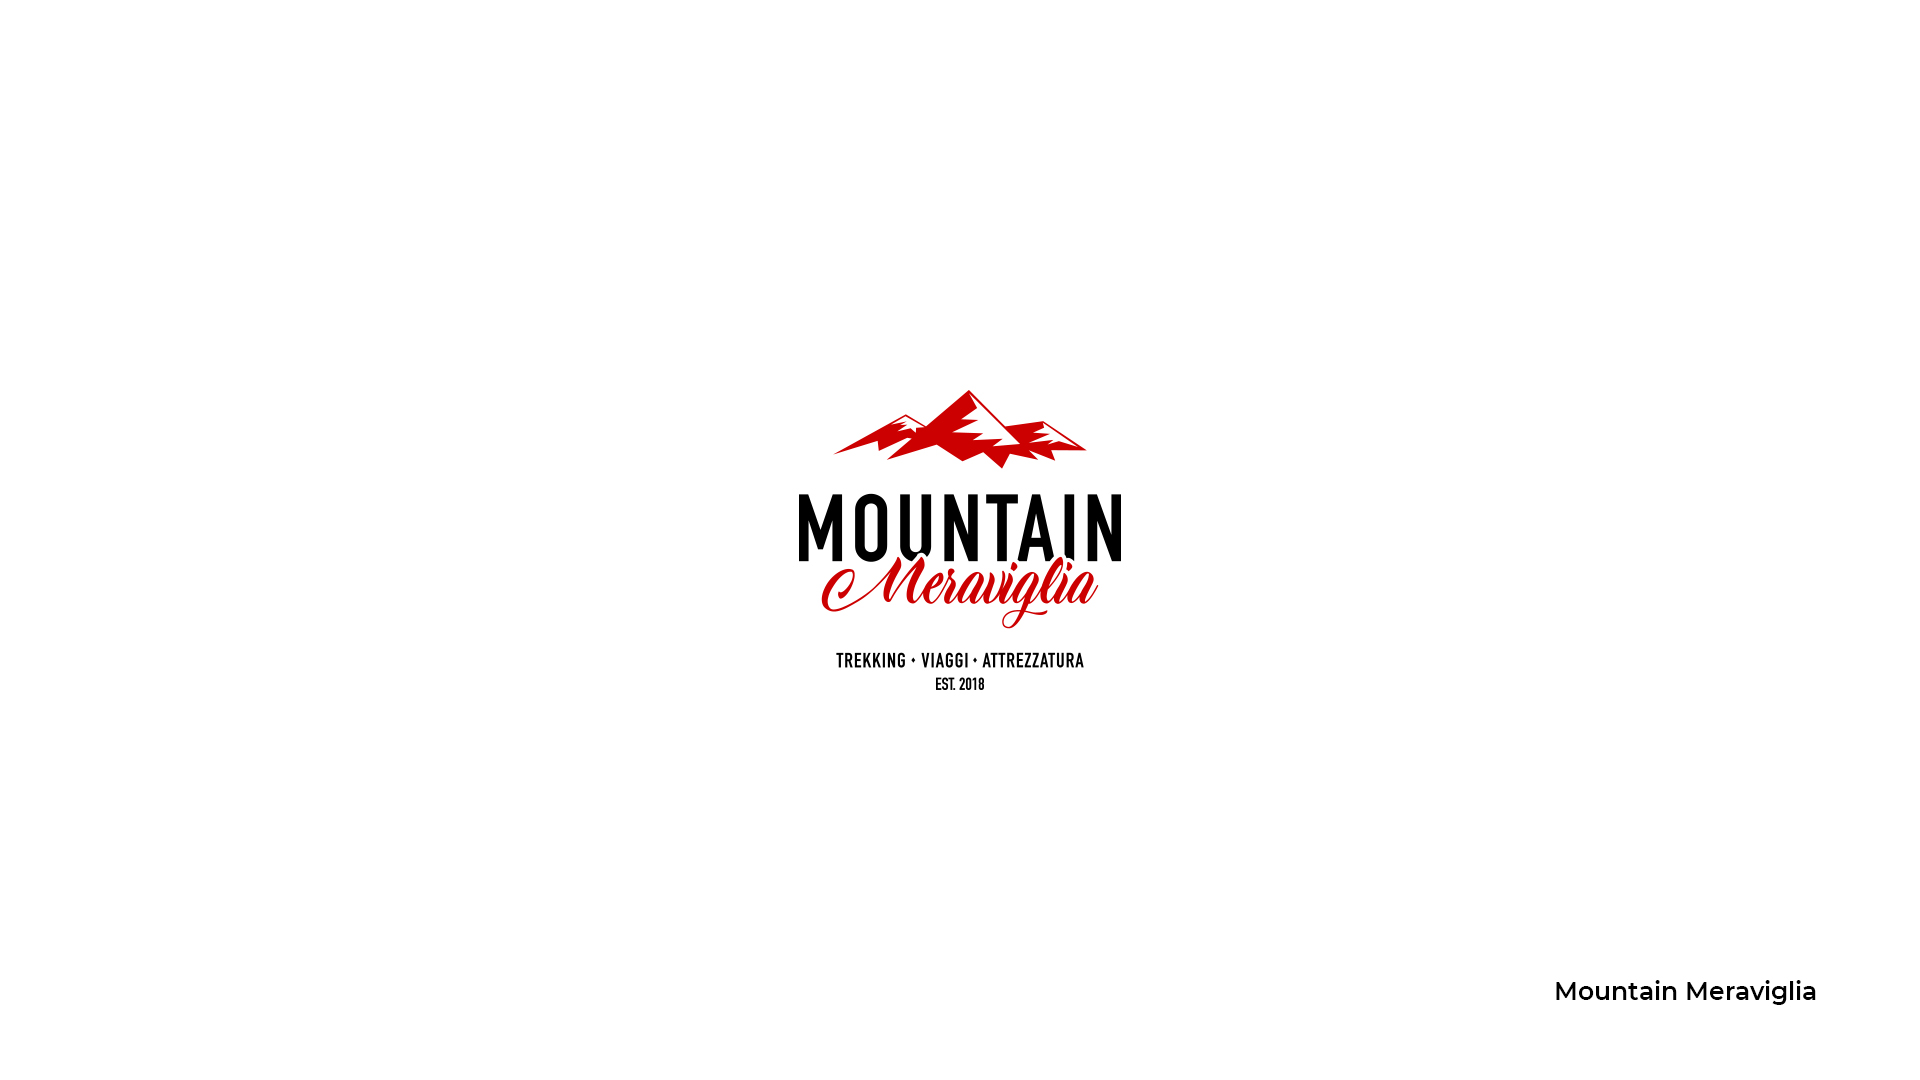 Mountain Meraviglia